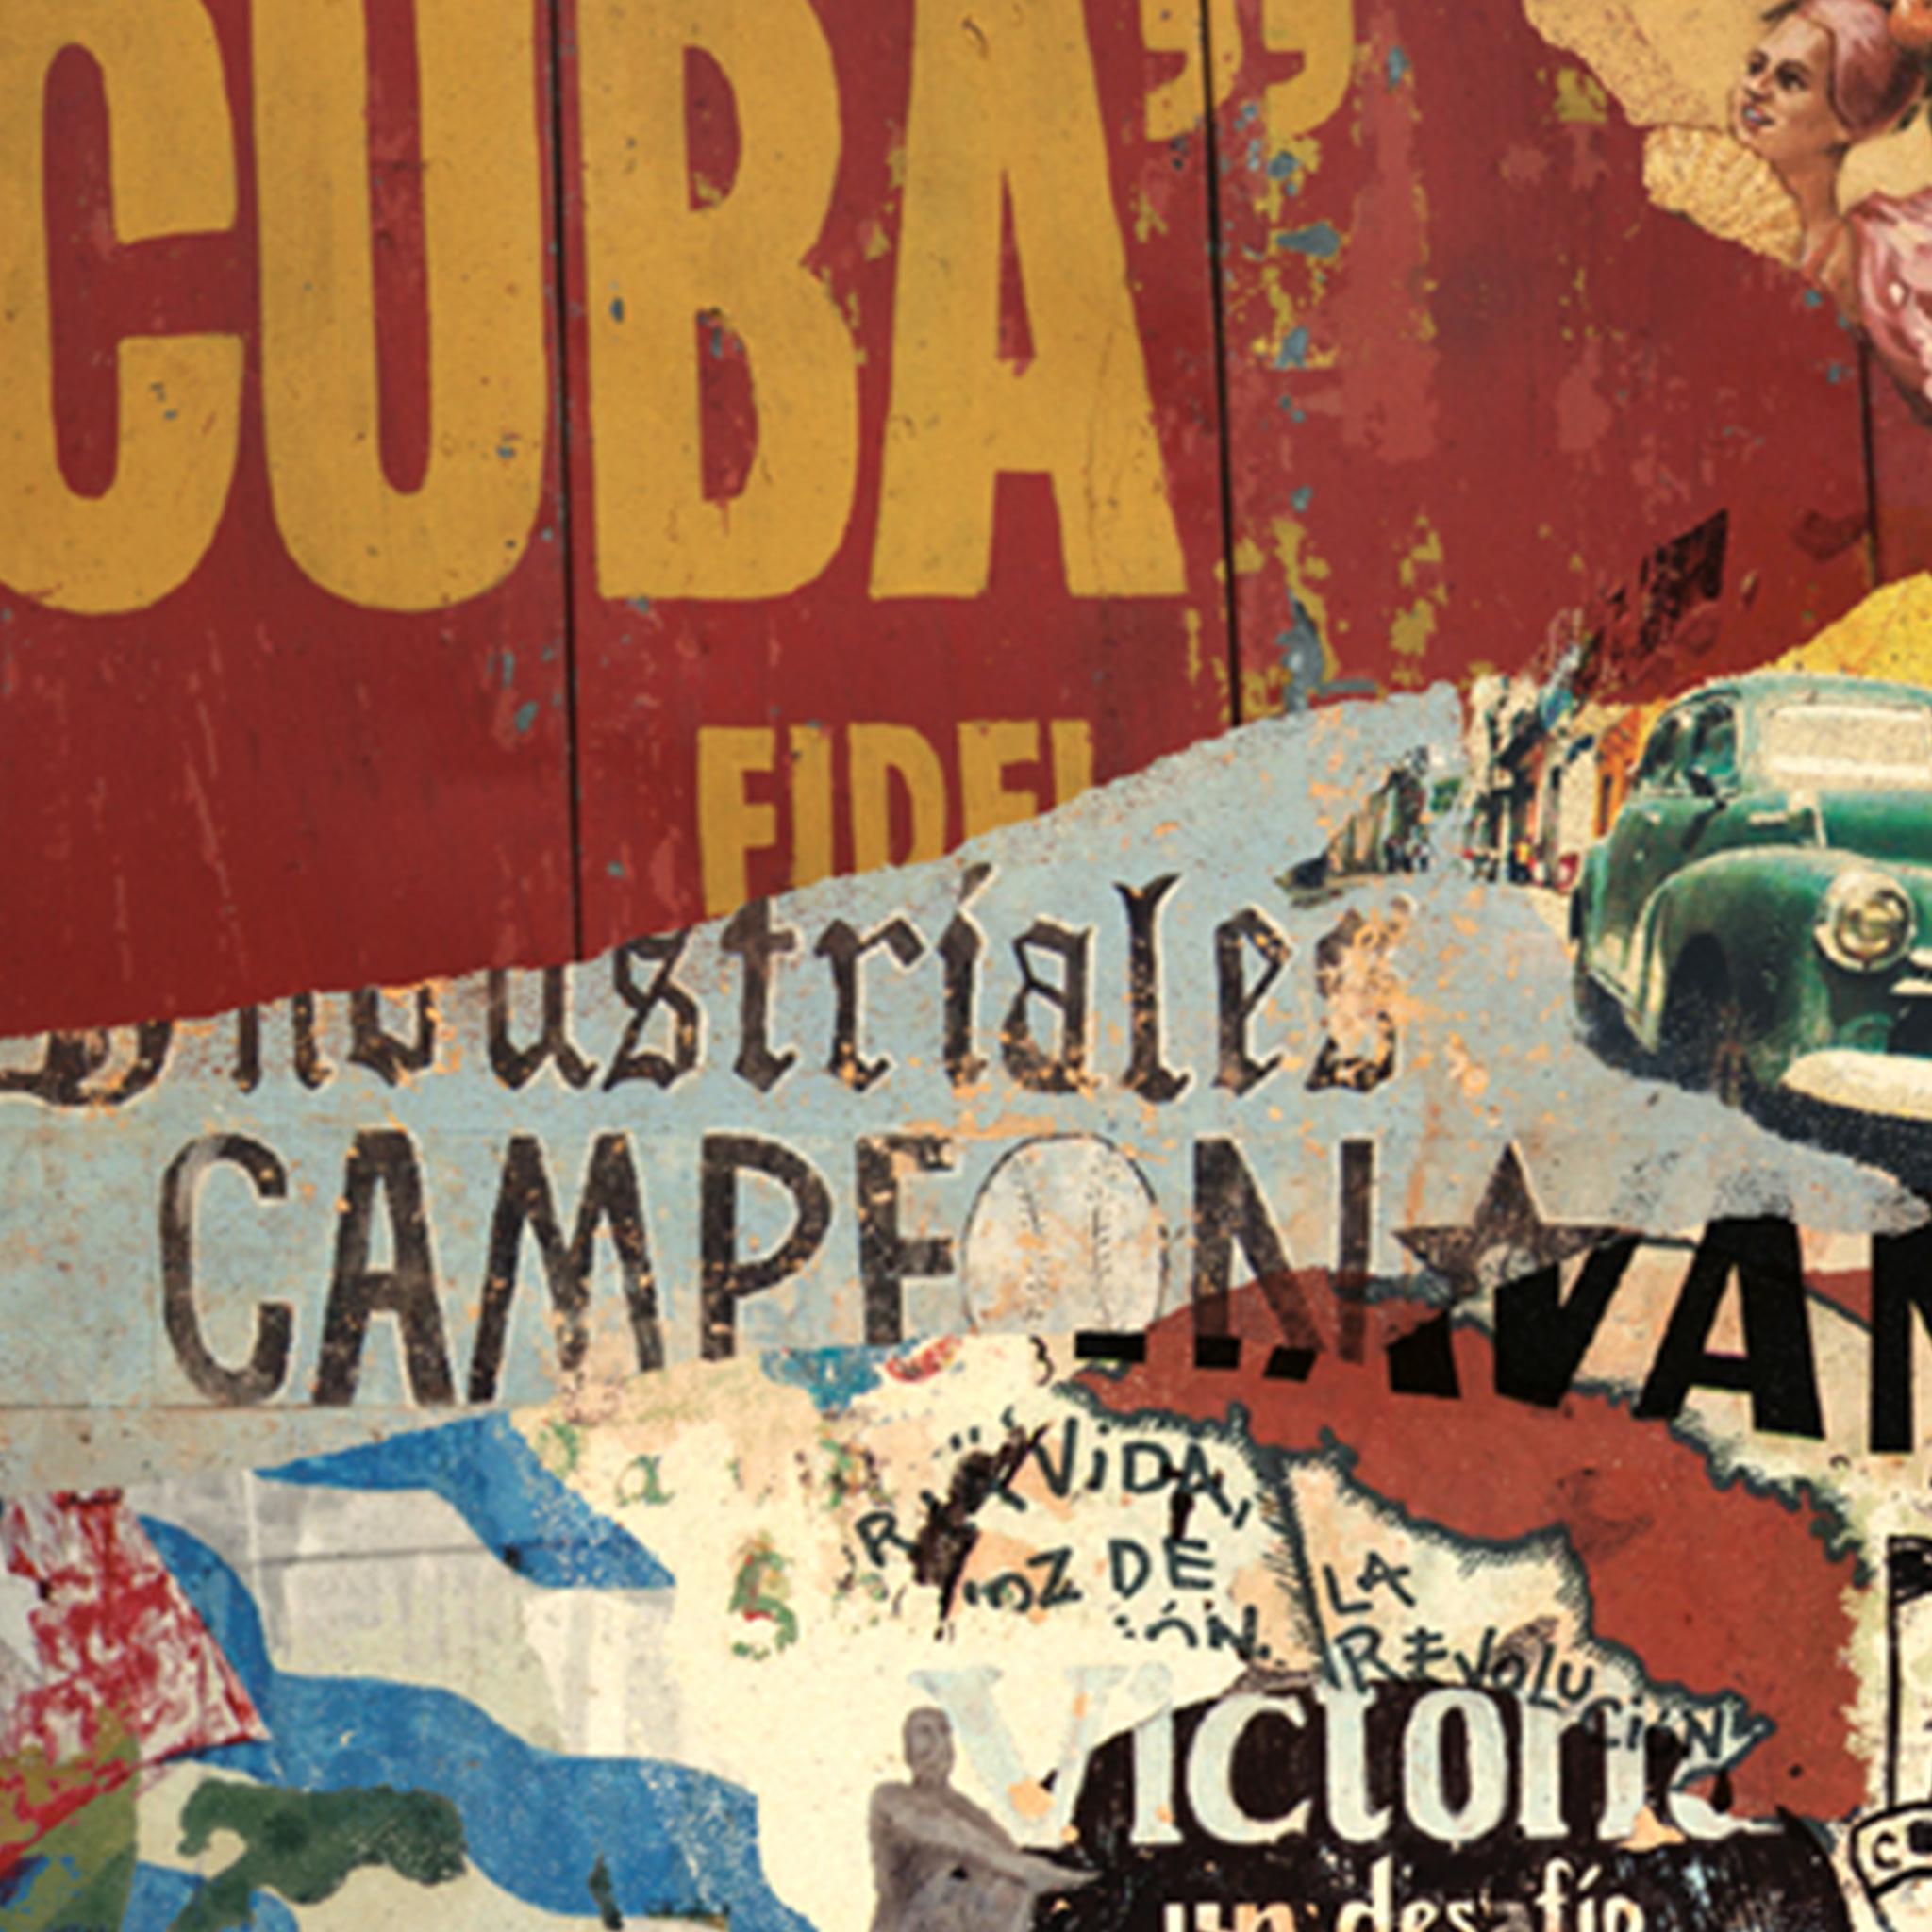 REV DE CUBA